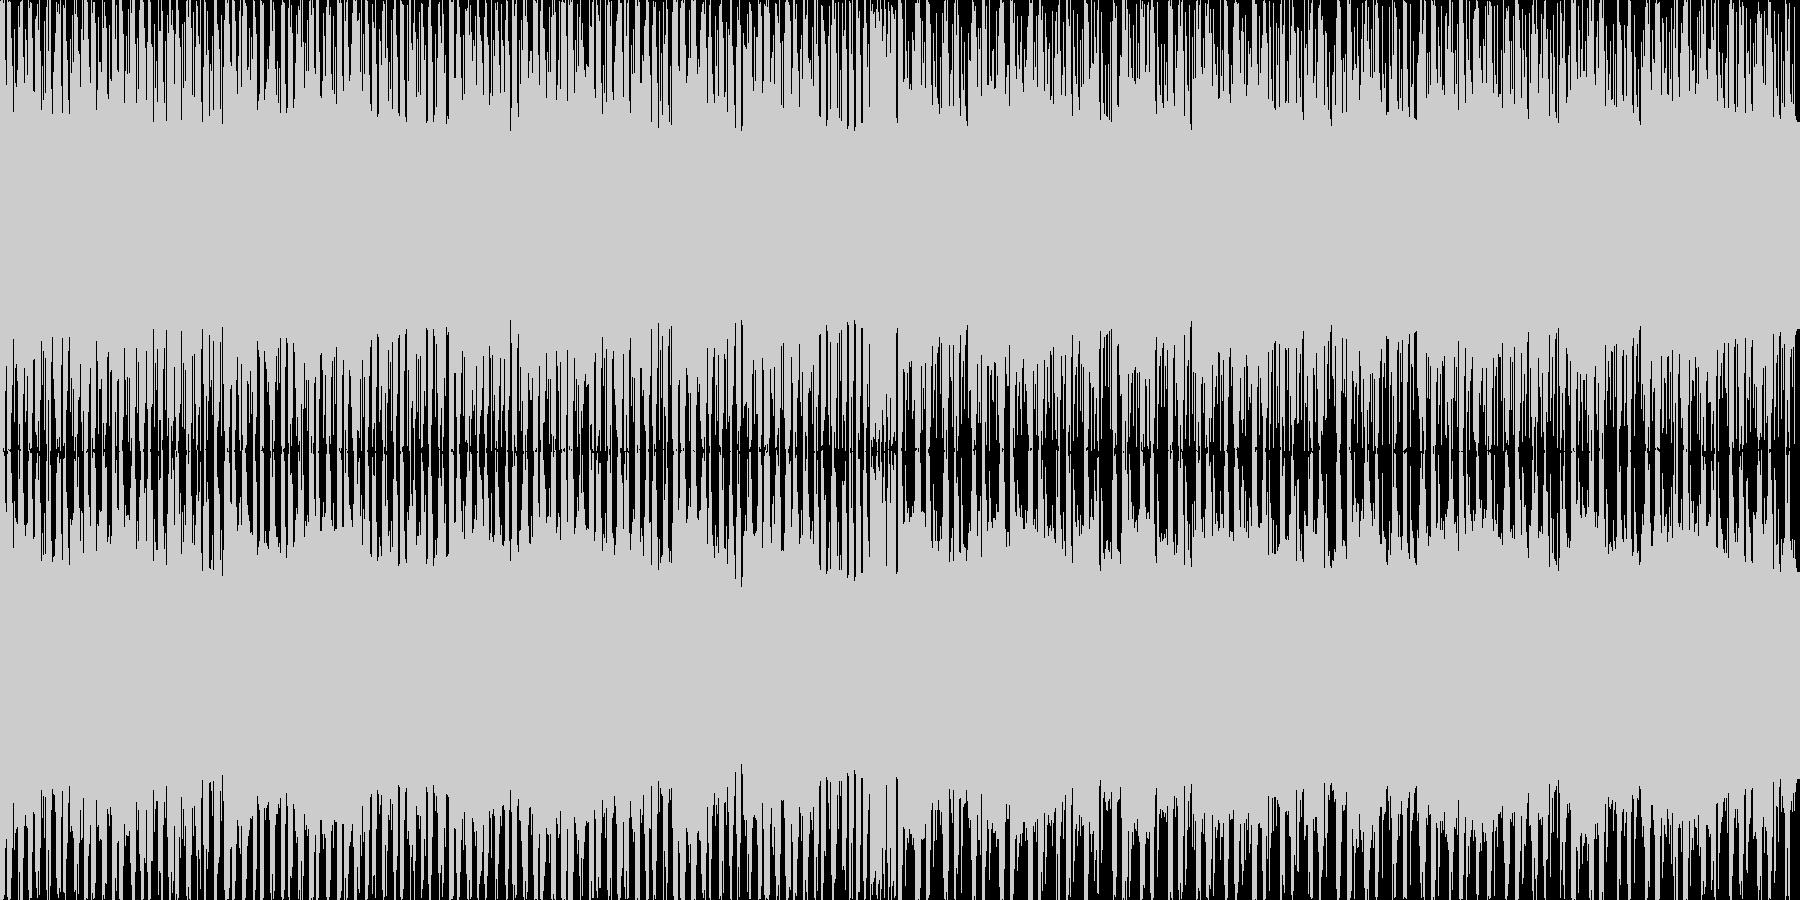 エレピがメインのレトロな雰囲気を持った…の未再生の波形